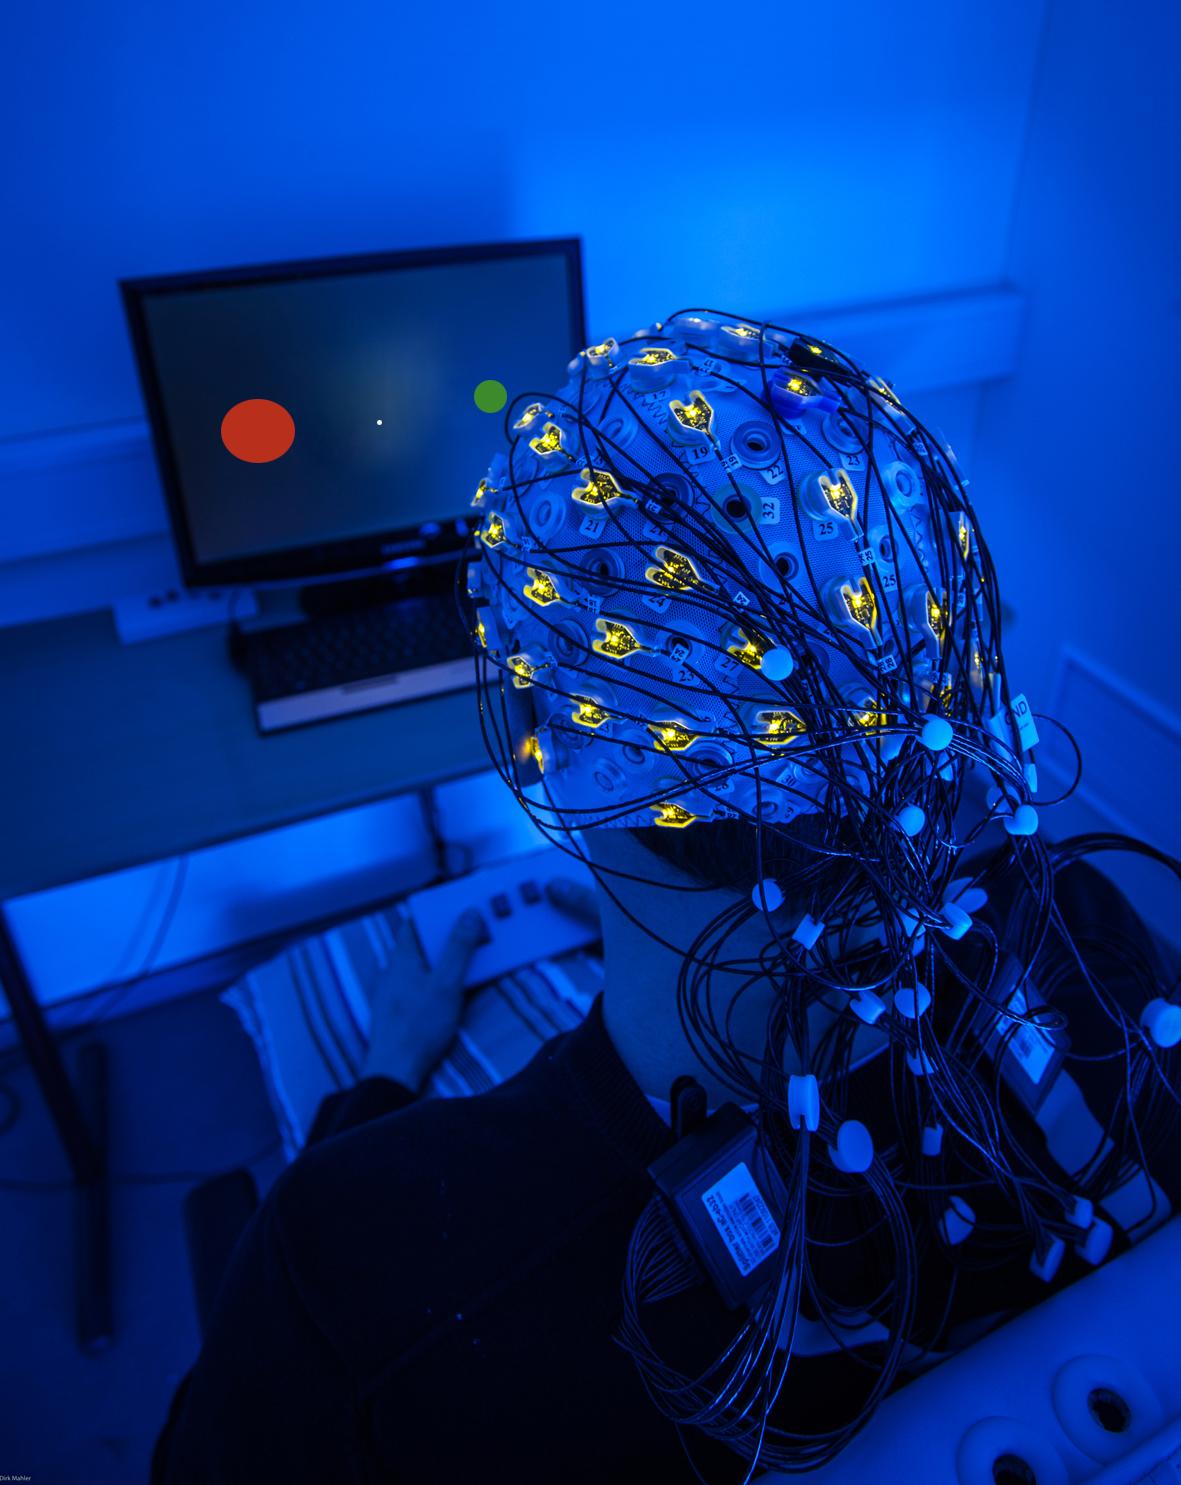 EEG_VAPL